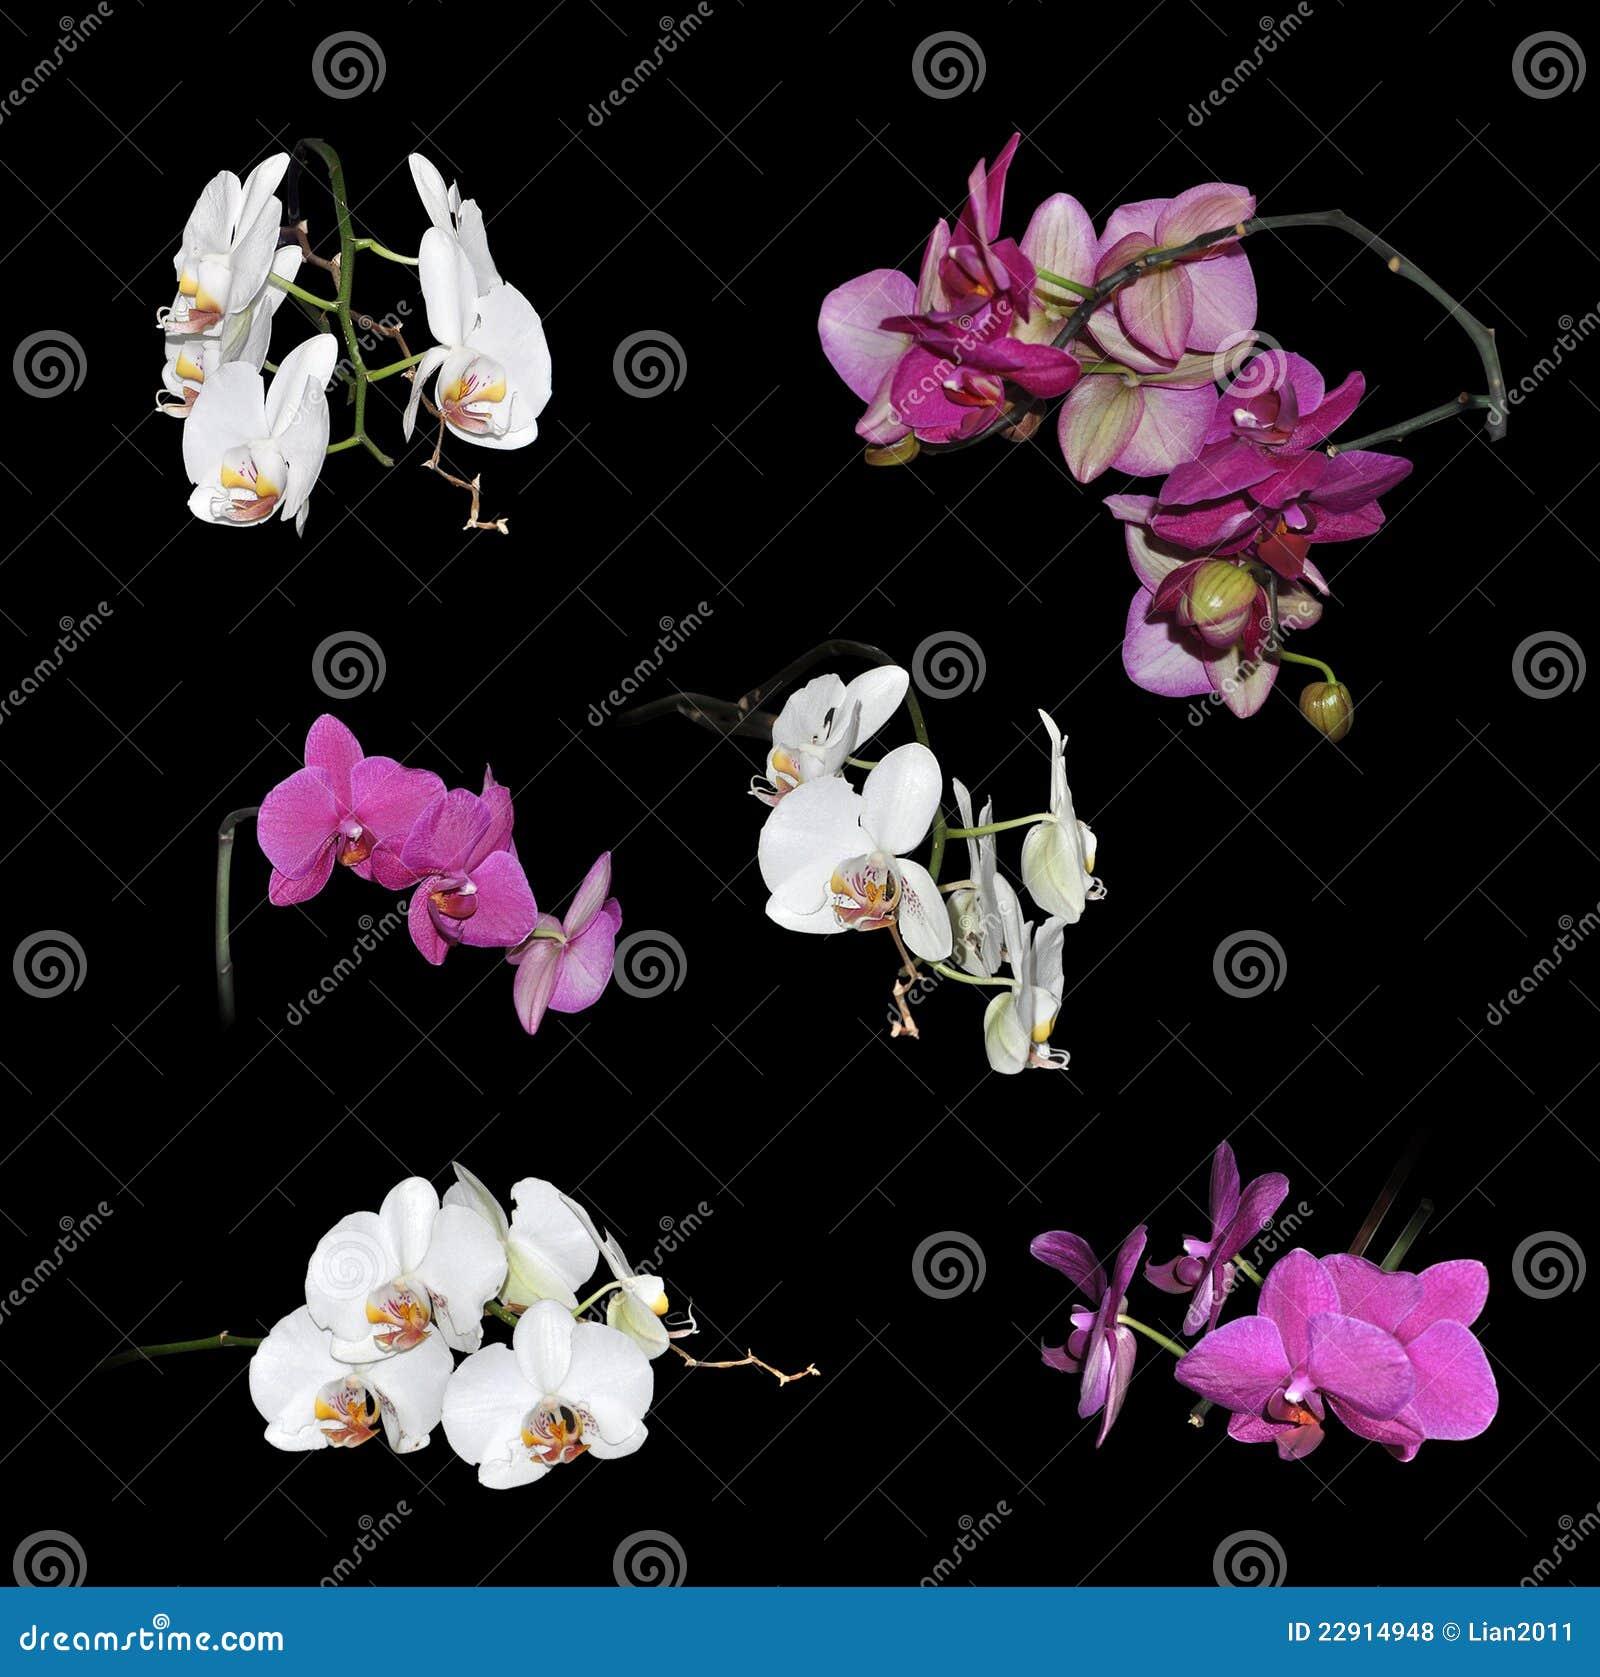 Fiori Bianchi E Viola.Insieme Dei Fiori Bianchi E Viola Delle Orchidee Fotografia Stock